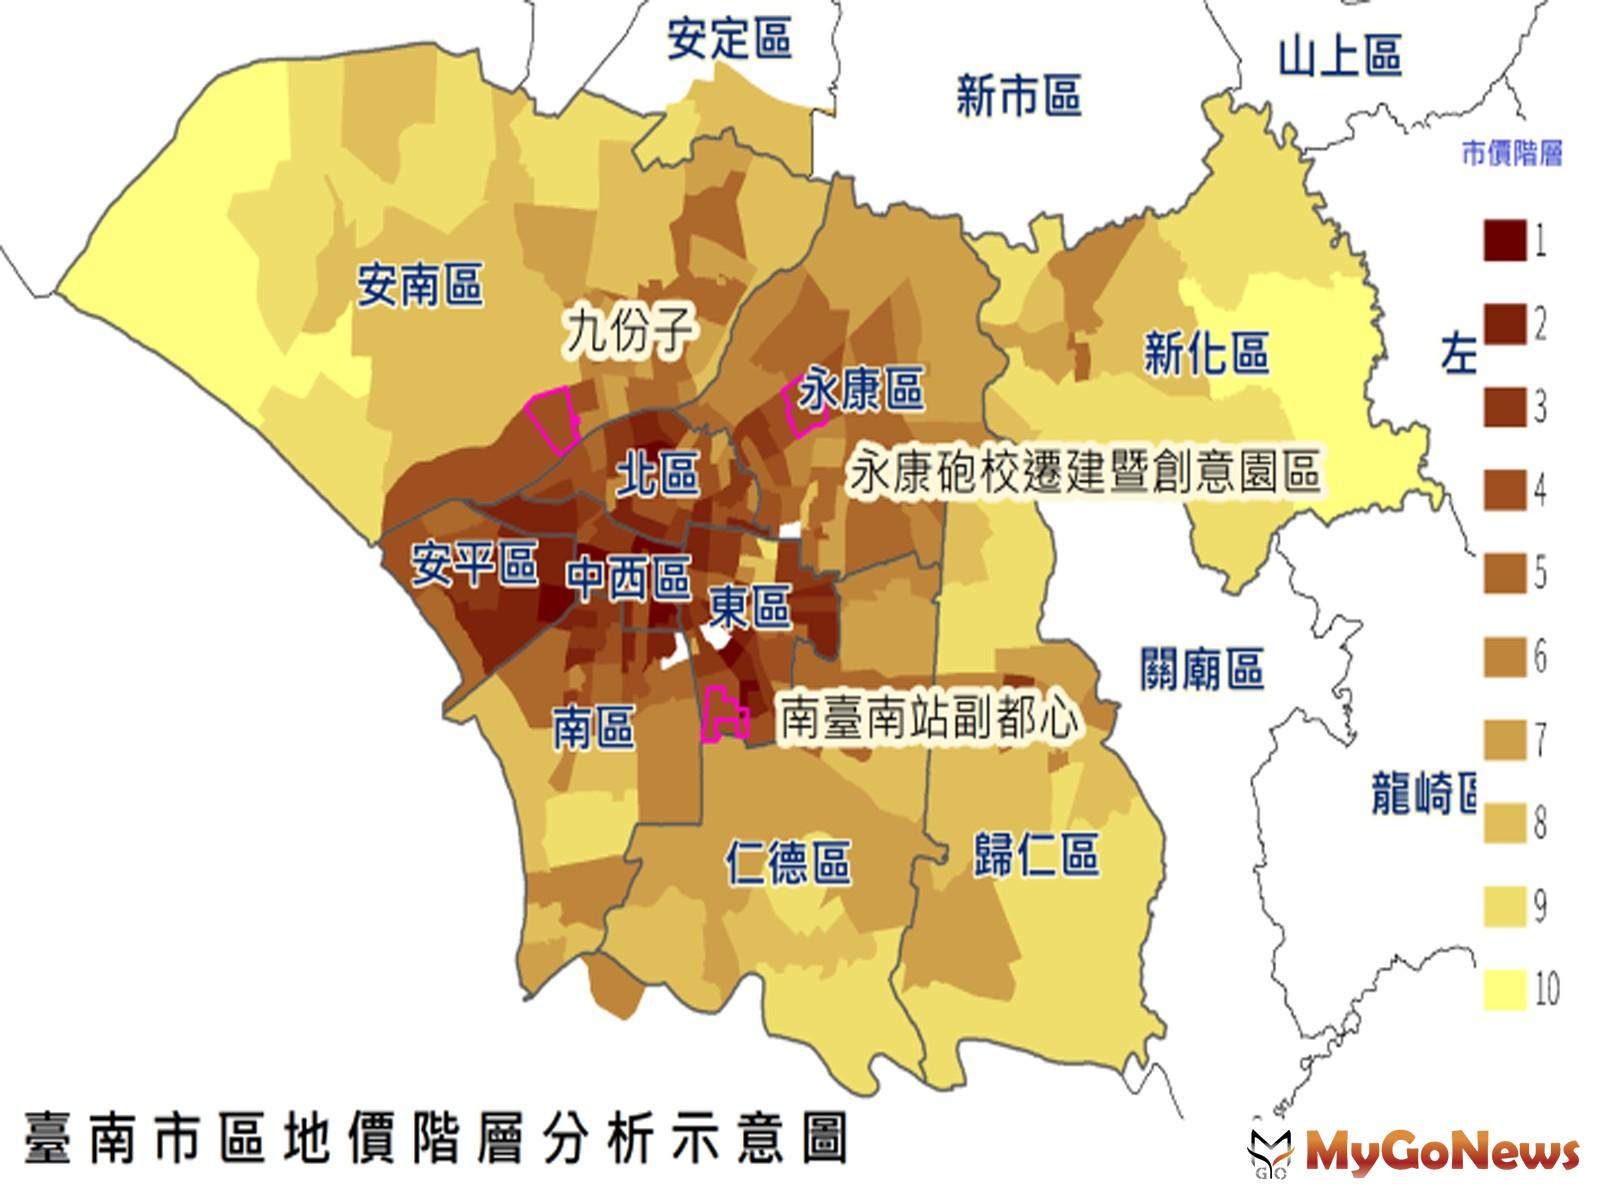 智慧台南讓地價創新精進,地政局藉由大數據檢視地價變動及衡平性(圖/台南市政府) MyGoNews房地產新聞 區域情報